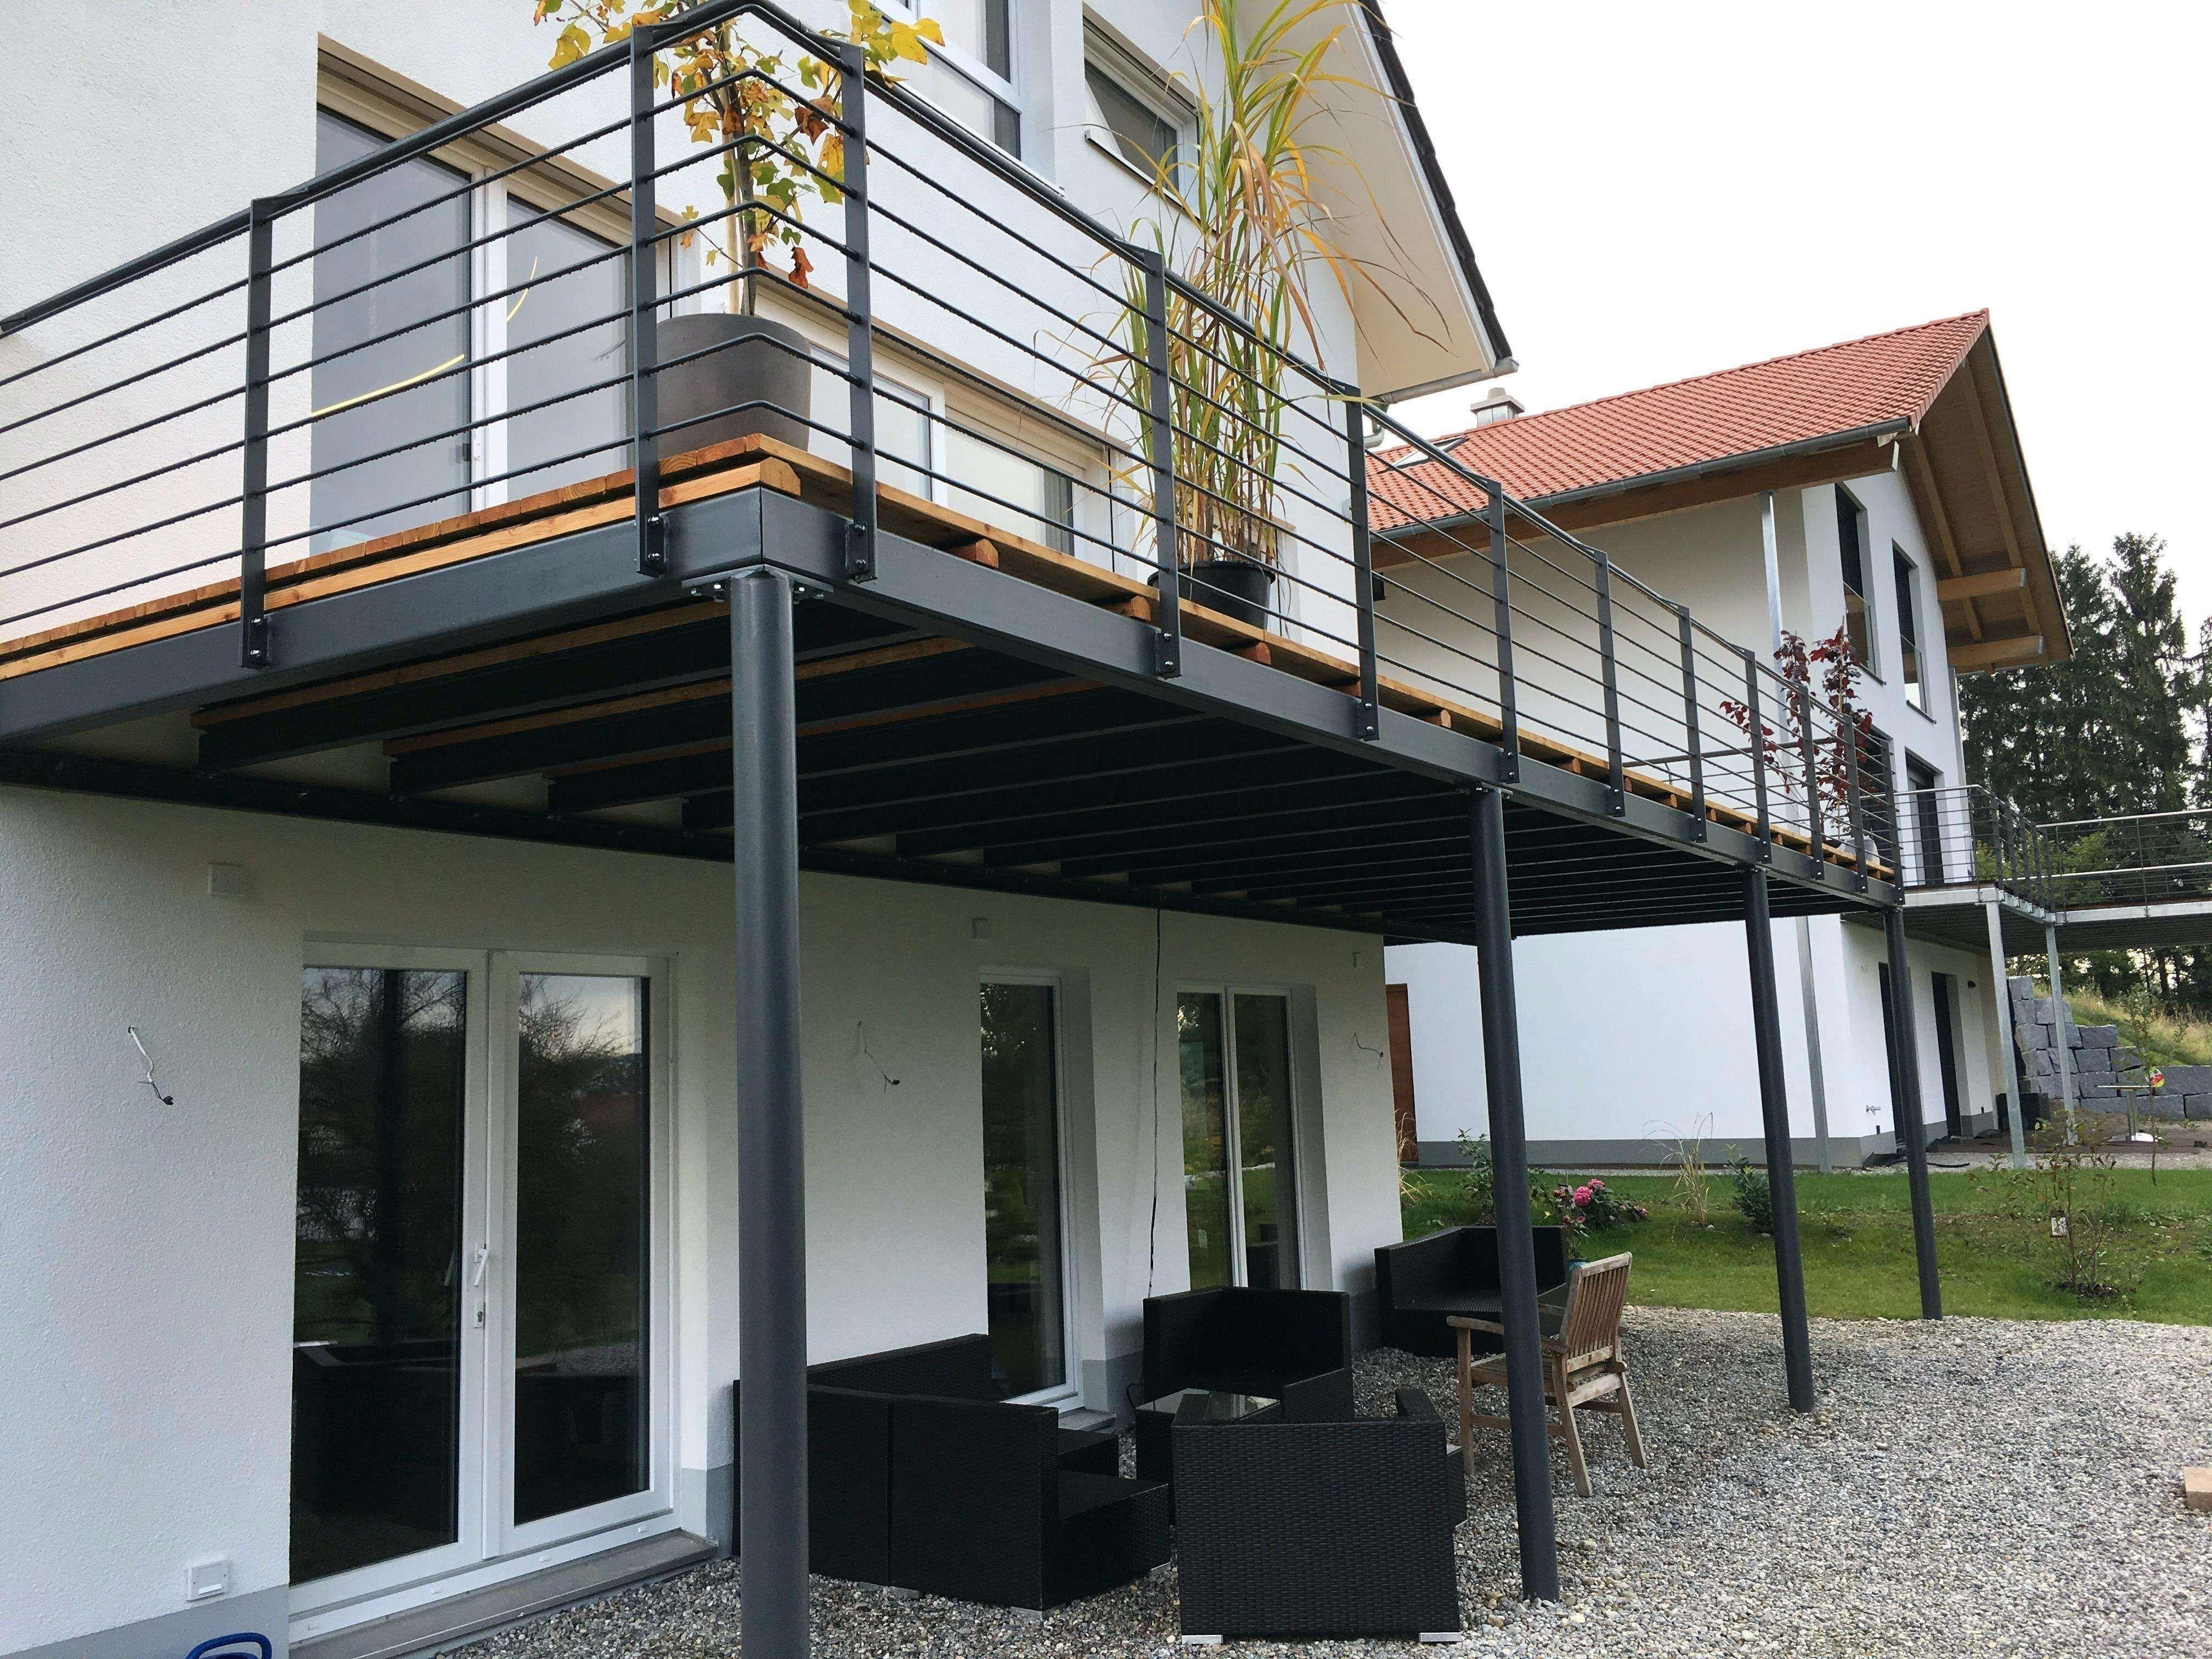 38 Genial Balkongeländer Edelstahl Glas Pic Design-Ideen Von ... dedans Terrasse Bois Pilotis